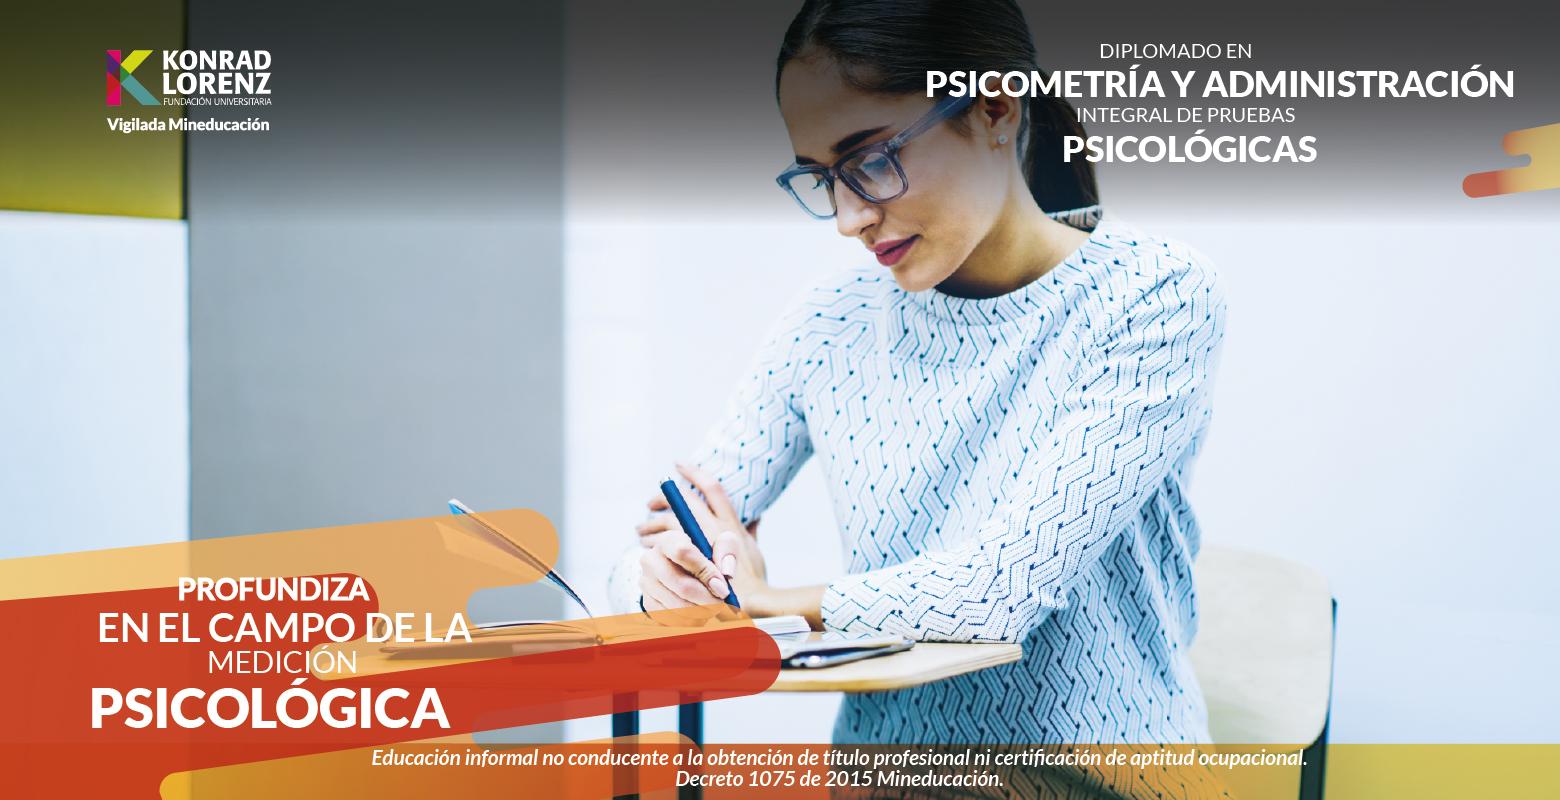 Diplomado en Psicometría y Administración Integral de Pruebas Psicológicas